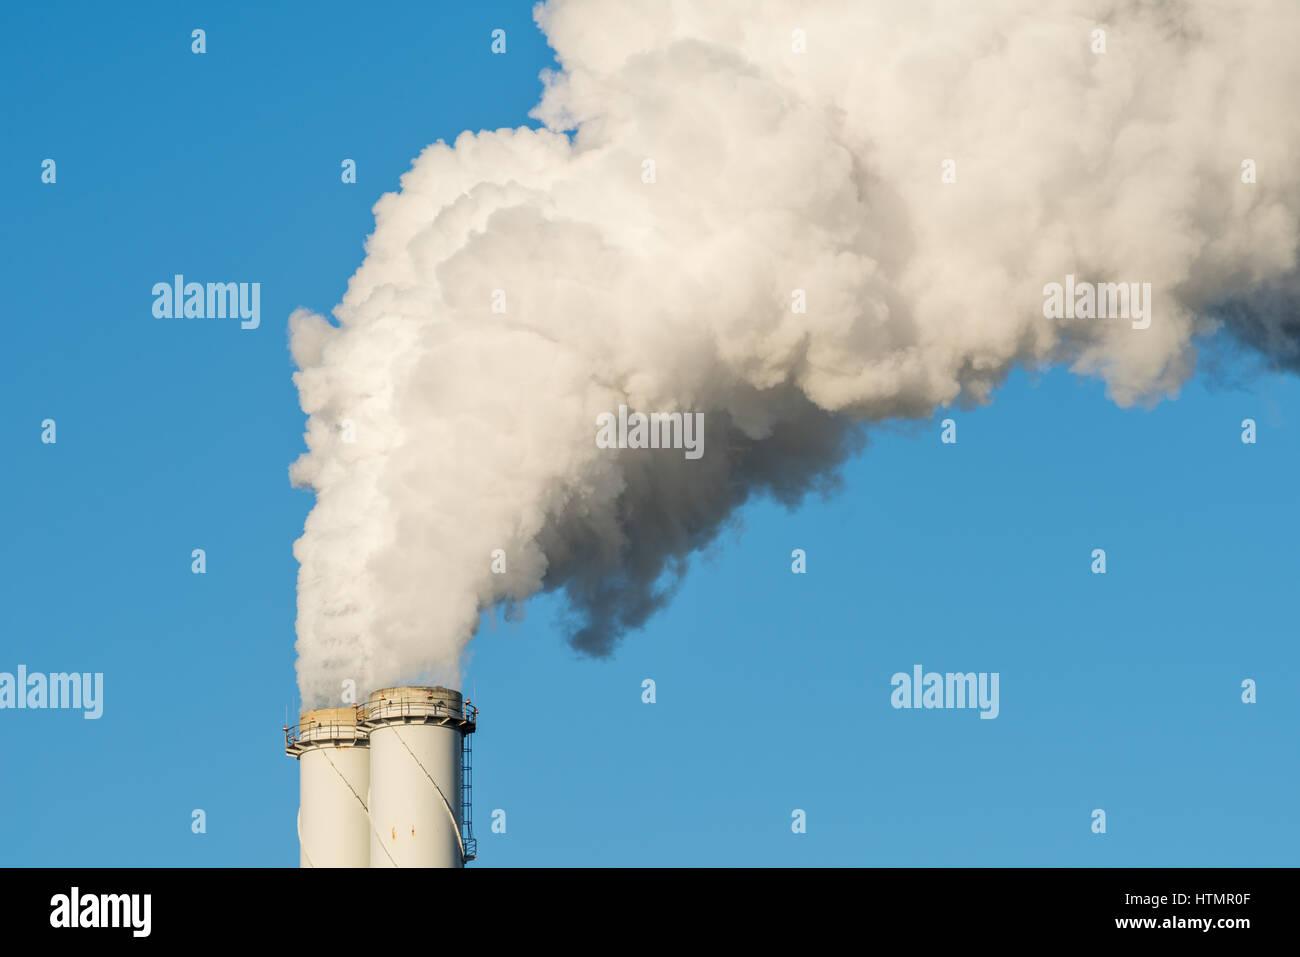 Das Rohr von einem Kohlekraftwerk mit weißer Rauch als globale Erwärmung Konzept. Stockbild